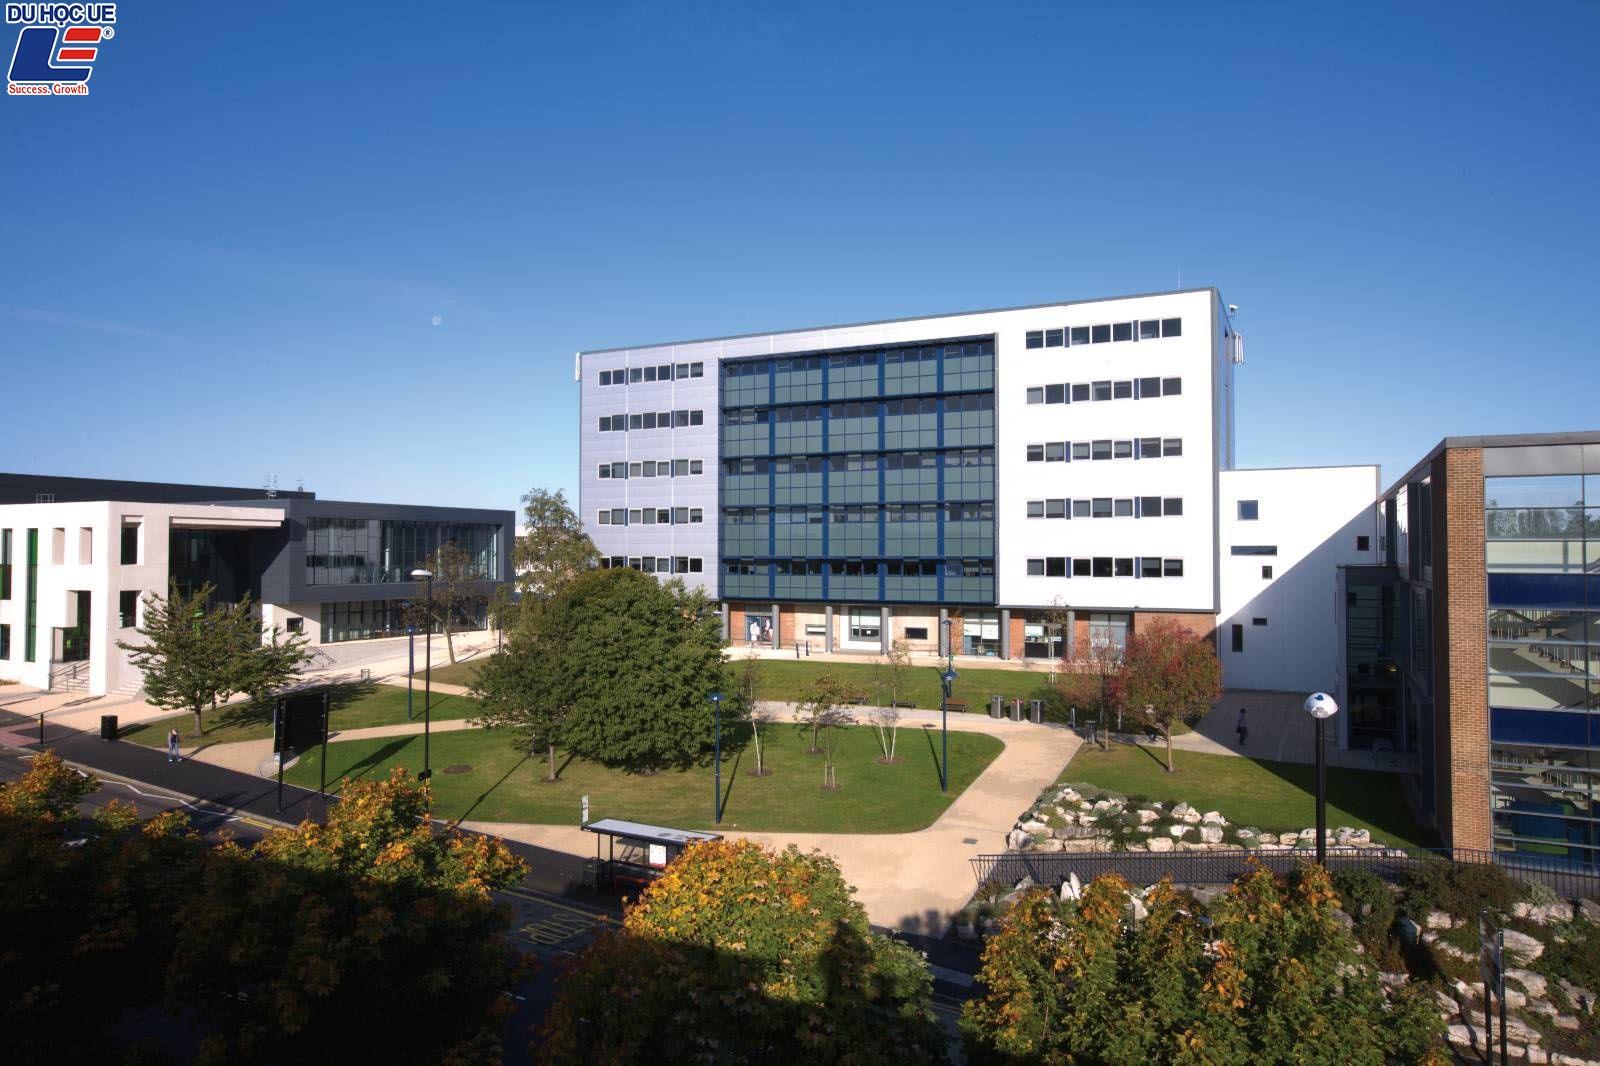 University Of Sunderland, Đại học Sunderland 1